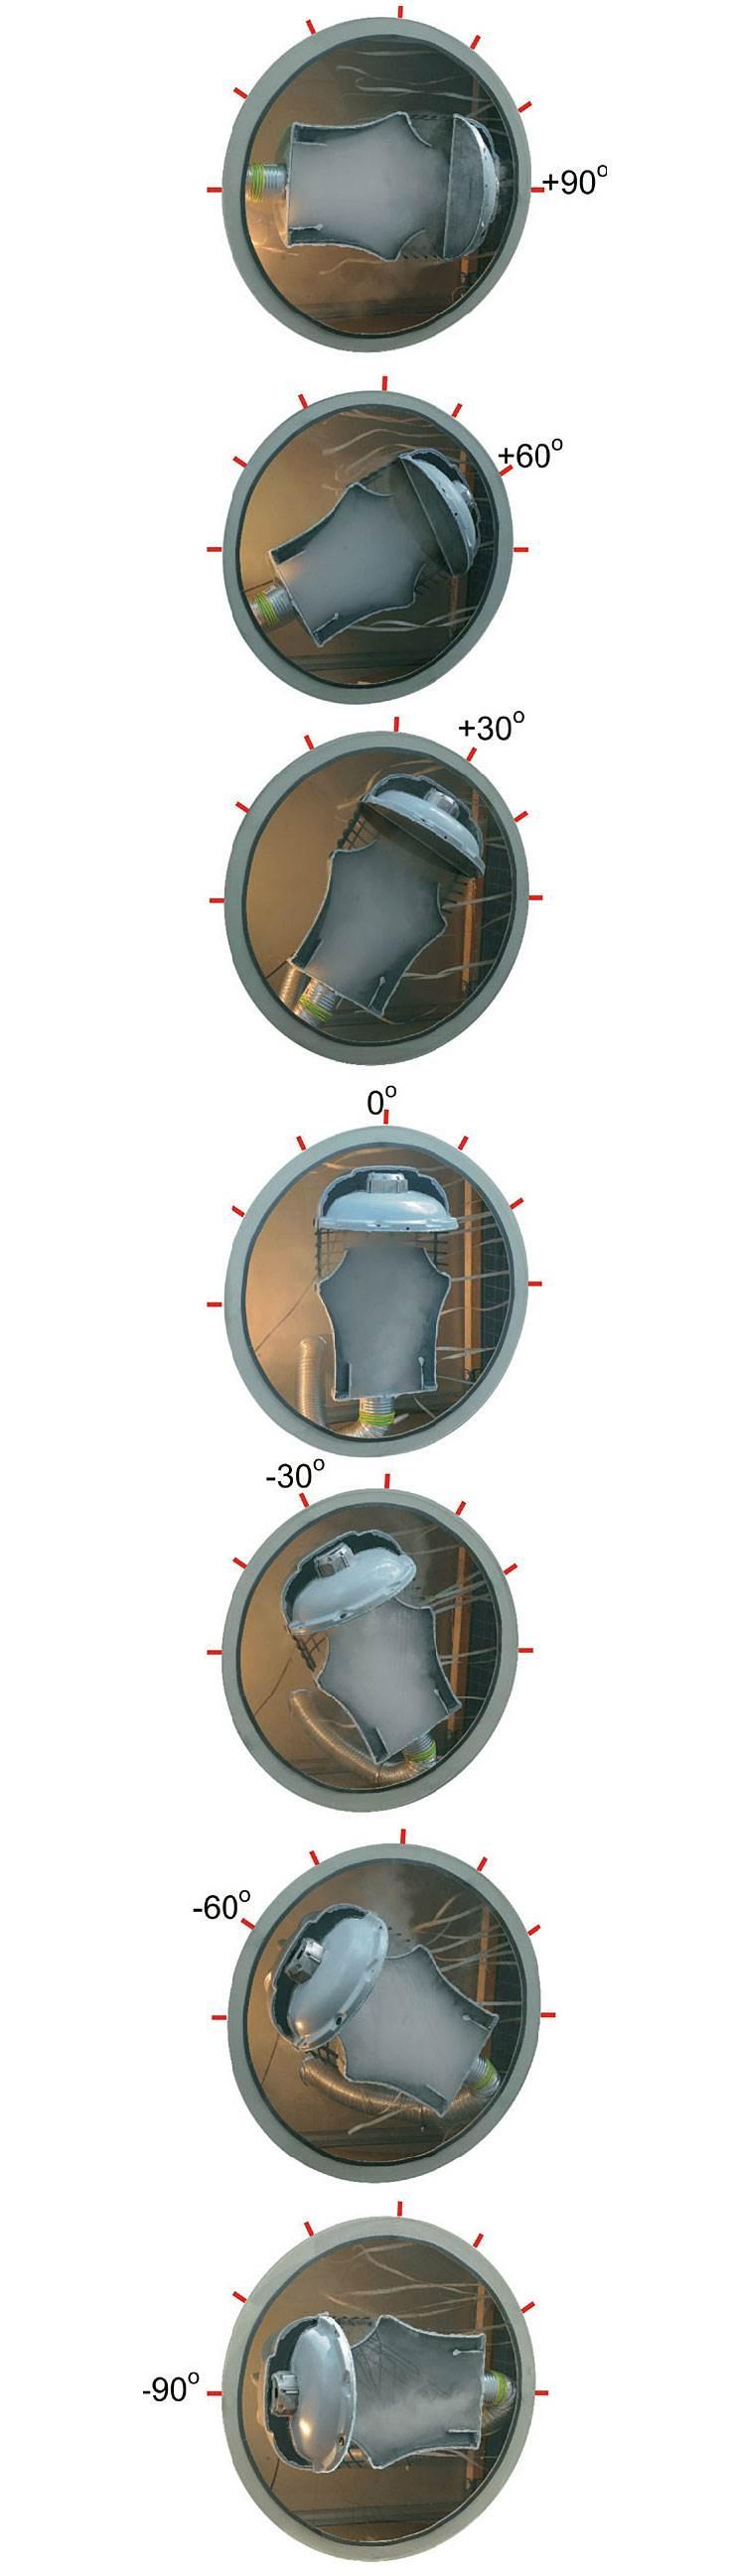 prawidlowa wentylacja waznym aspektem zdrowego zycia 12 - Prawidłowa wentylacja ważnym aspektem zdrowego życia